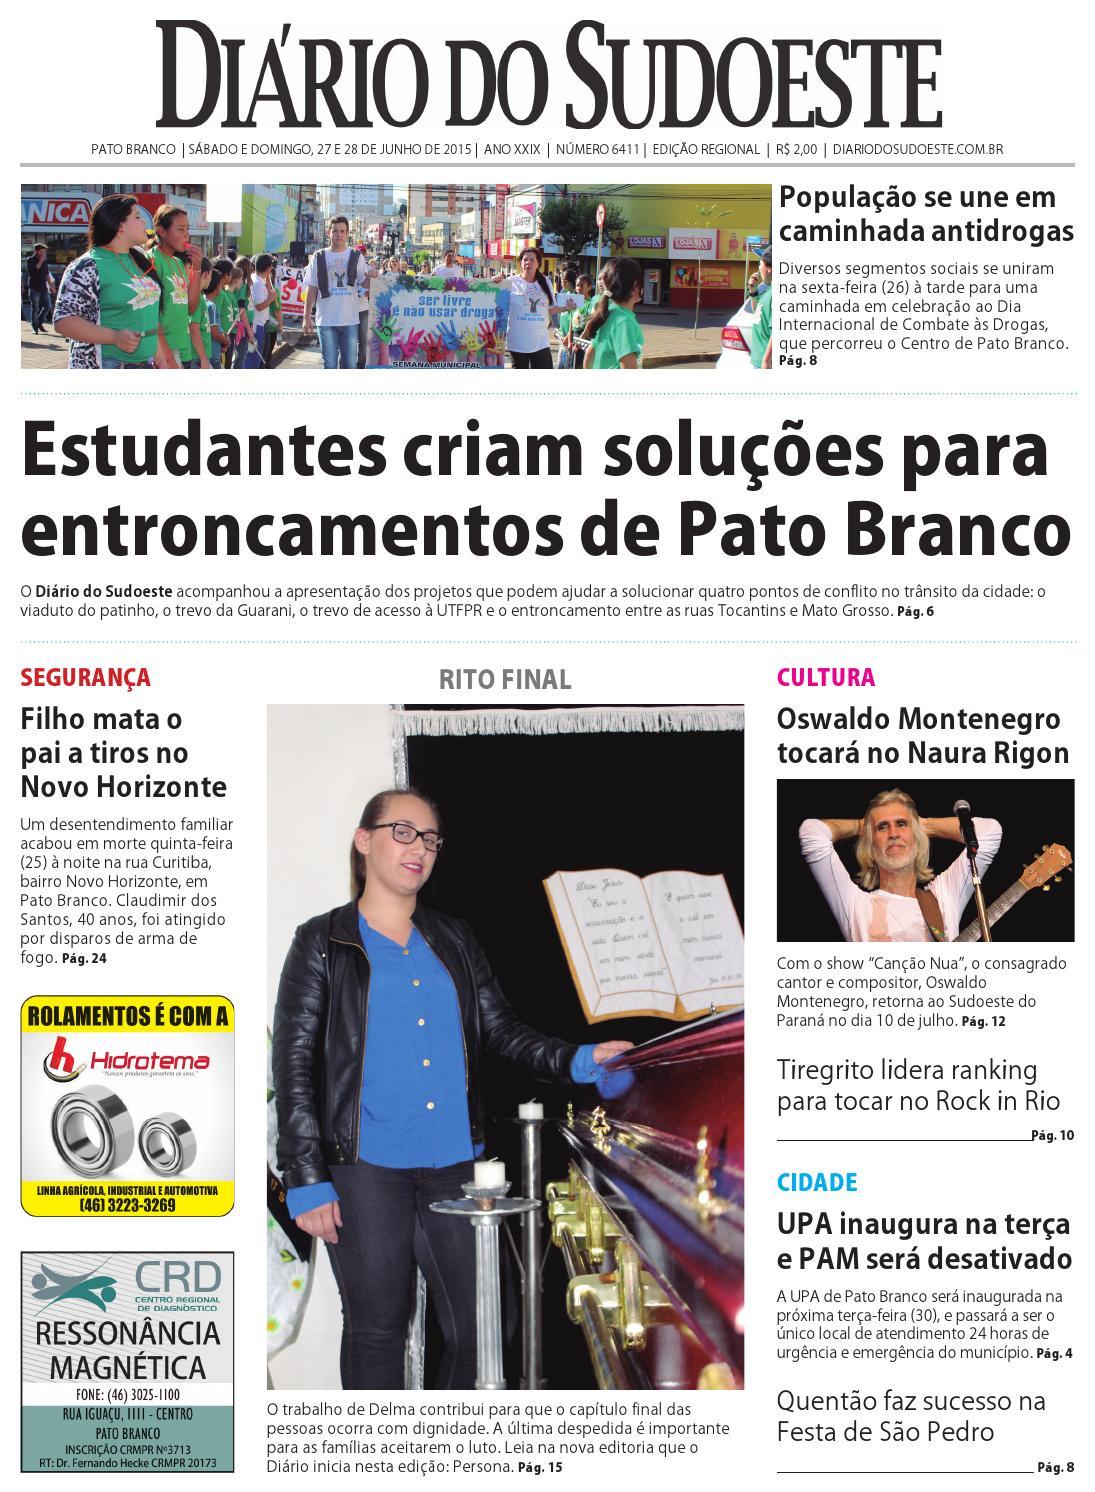 3a91ab9f20 Diário do sudoeste 27 e 28 de maio de 2015 ed 6411 by Diário do Sudoeste -  issuu